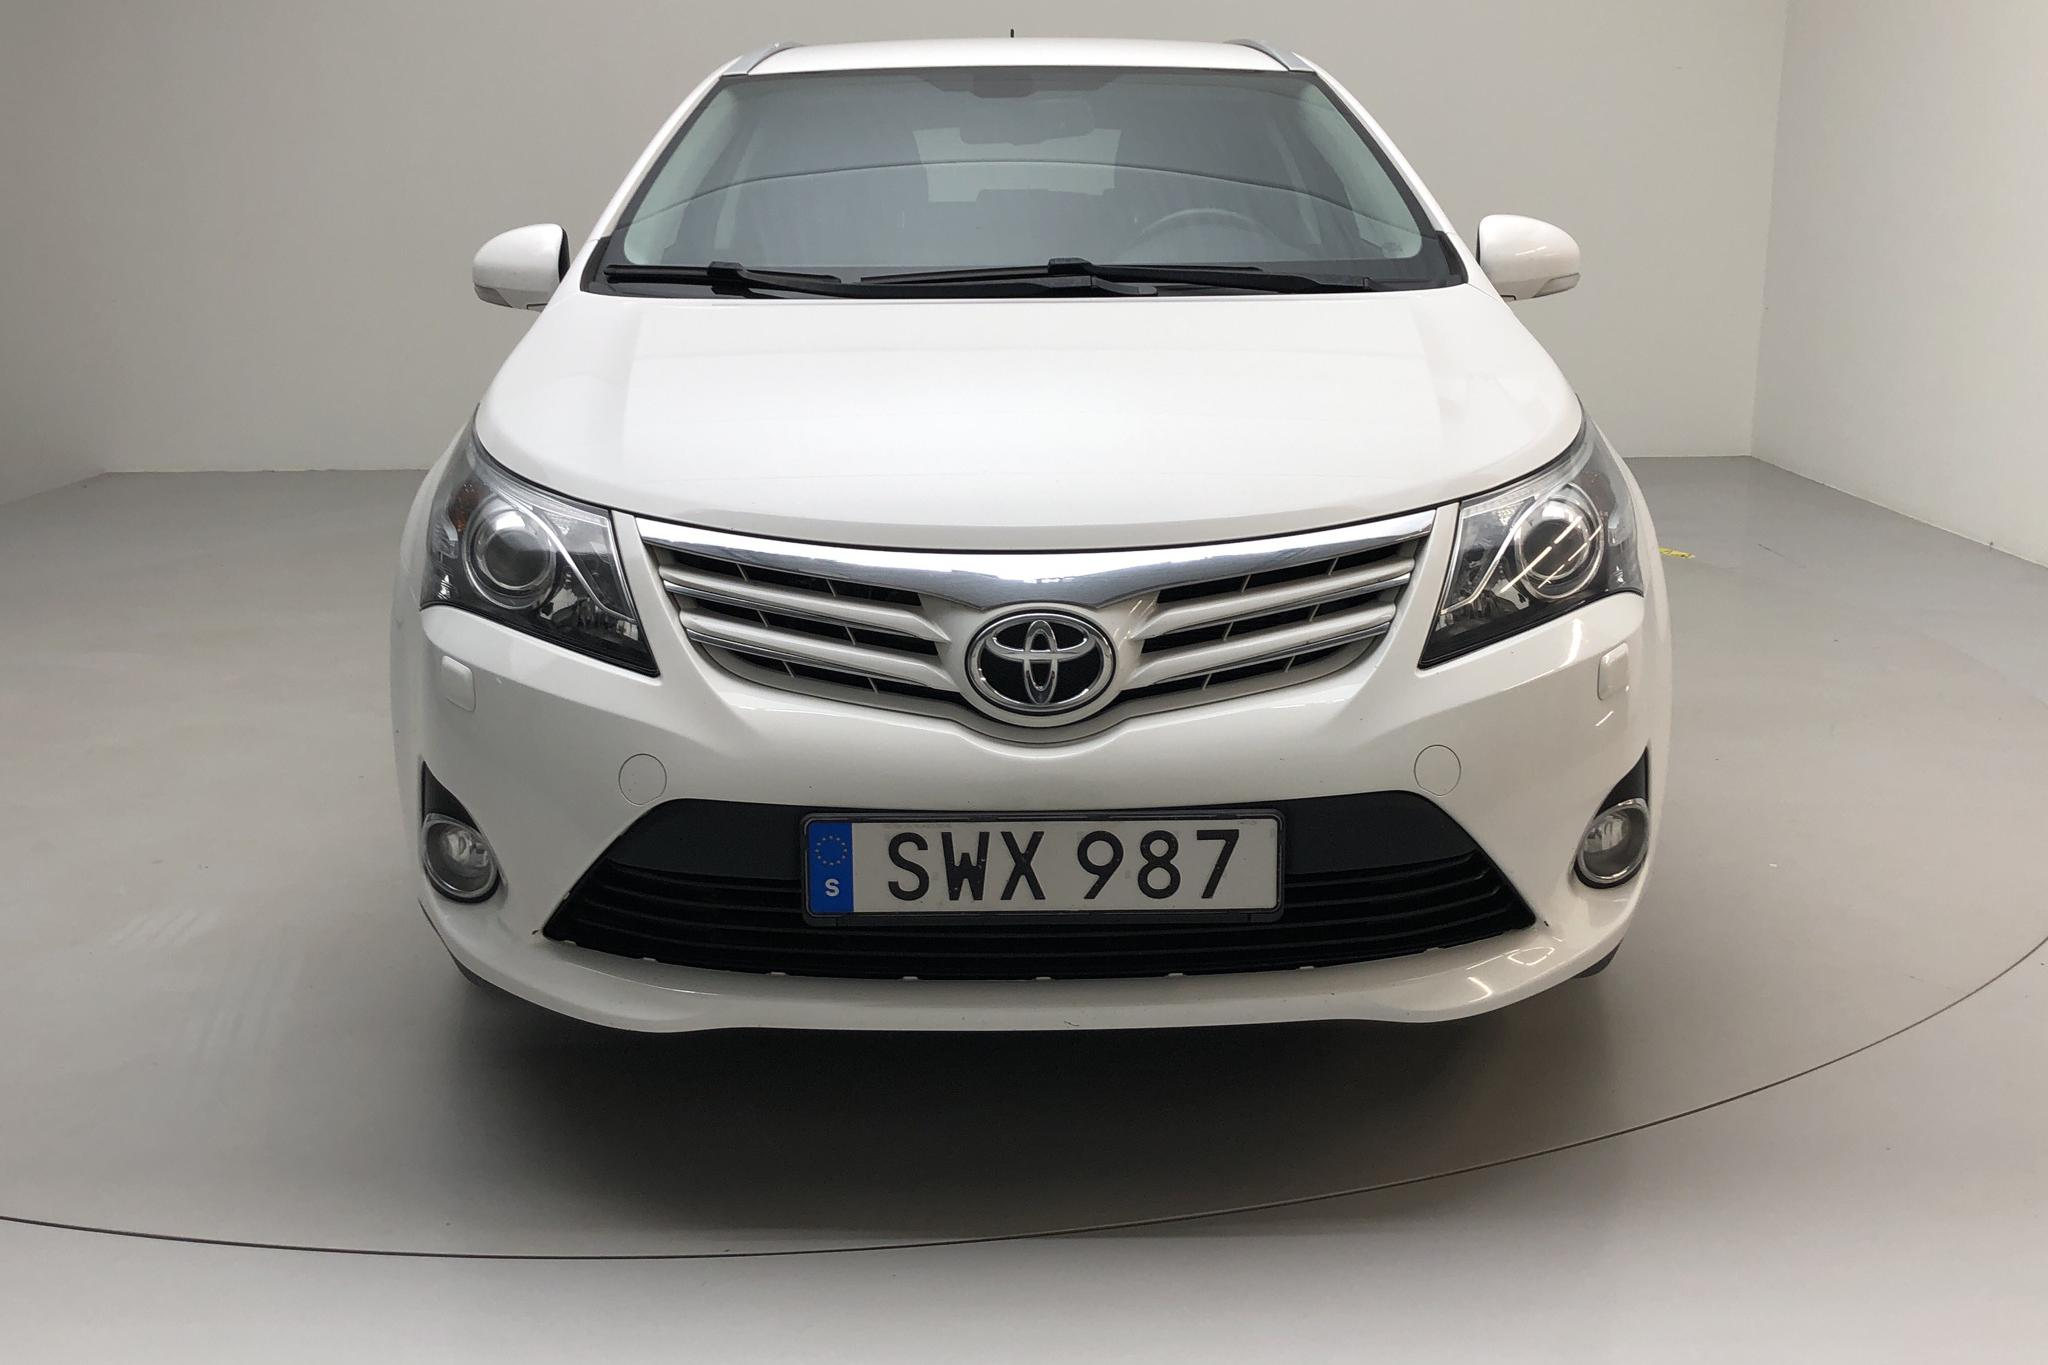 Toyota Avensis 2.0 Kombi (152hk) - 18 186 mil - Manuell - vit - 2014